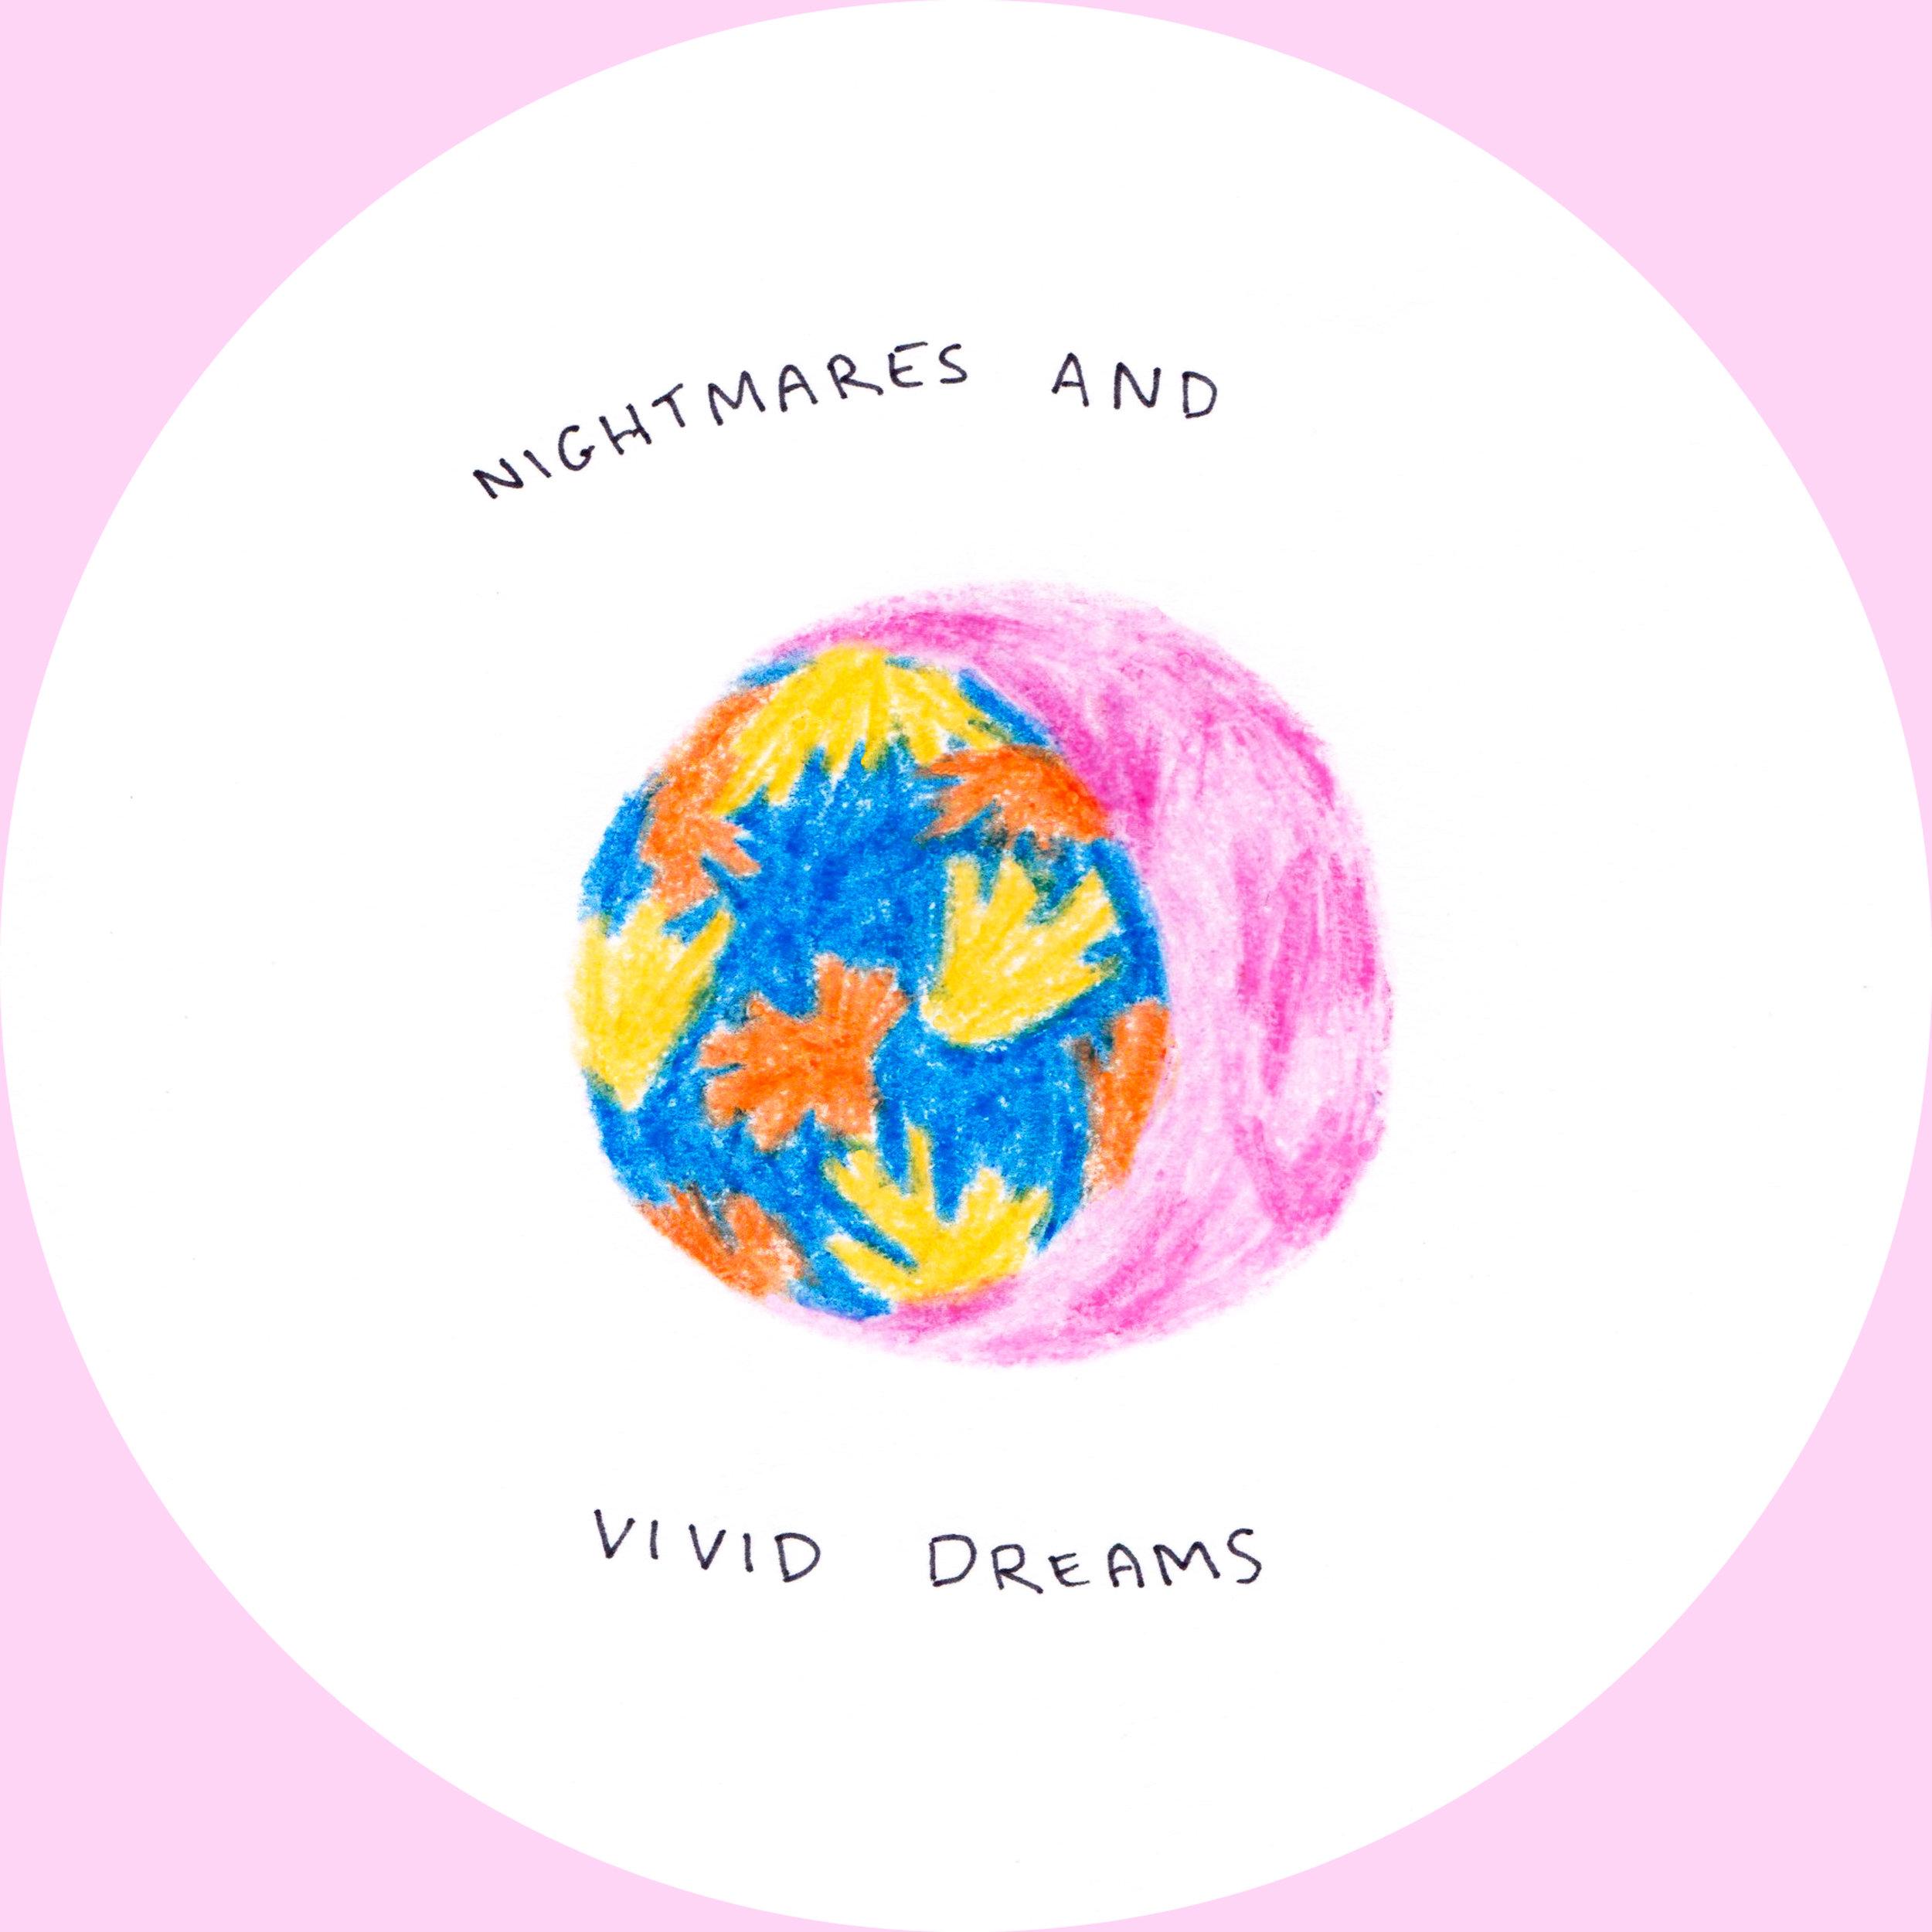 Nightmares and Vivid Dreams